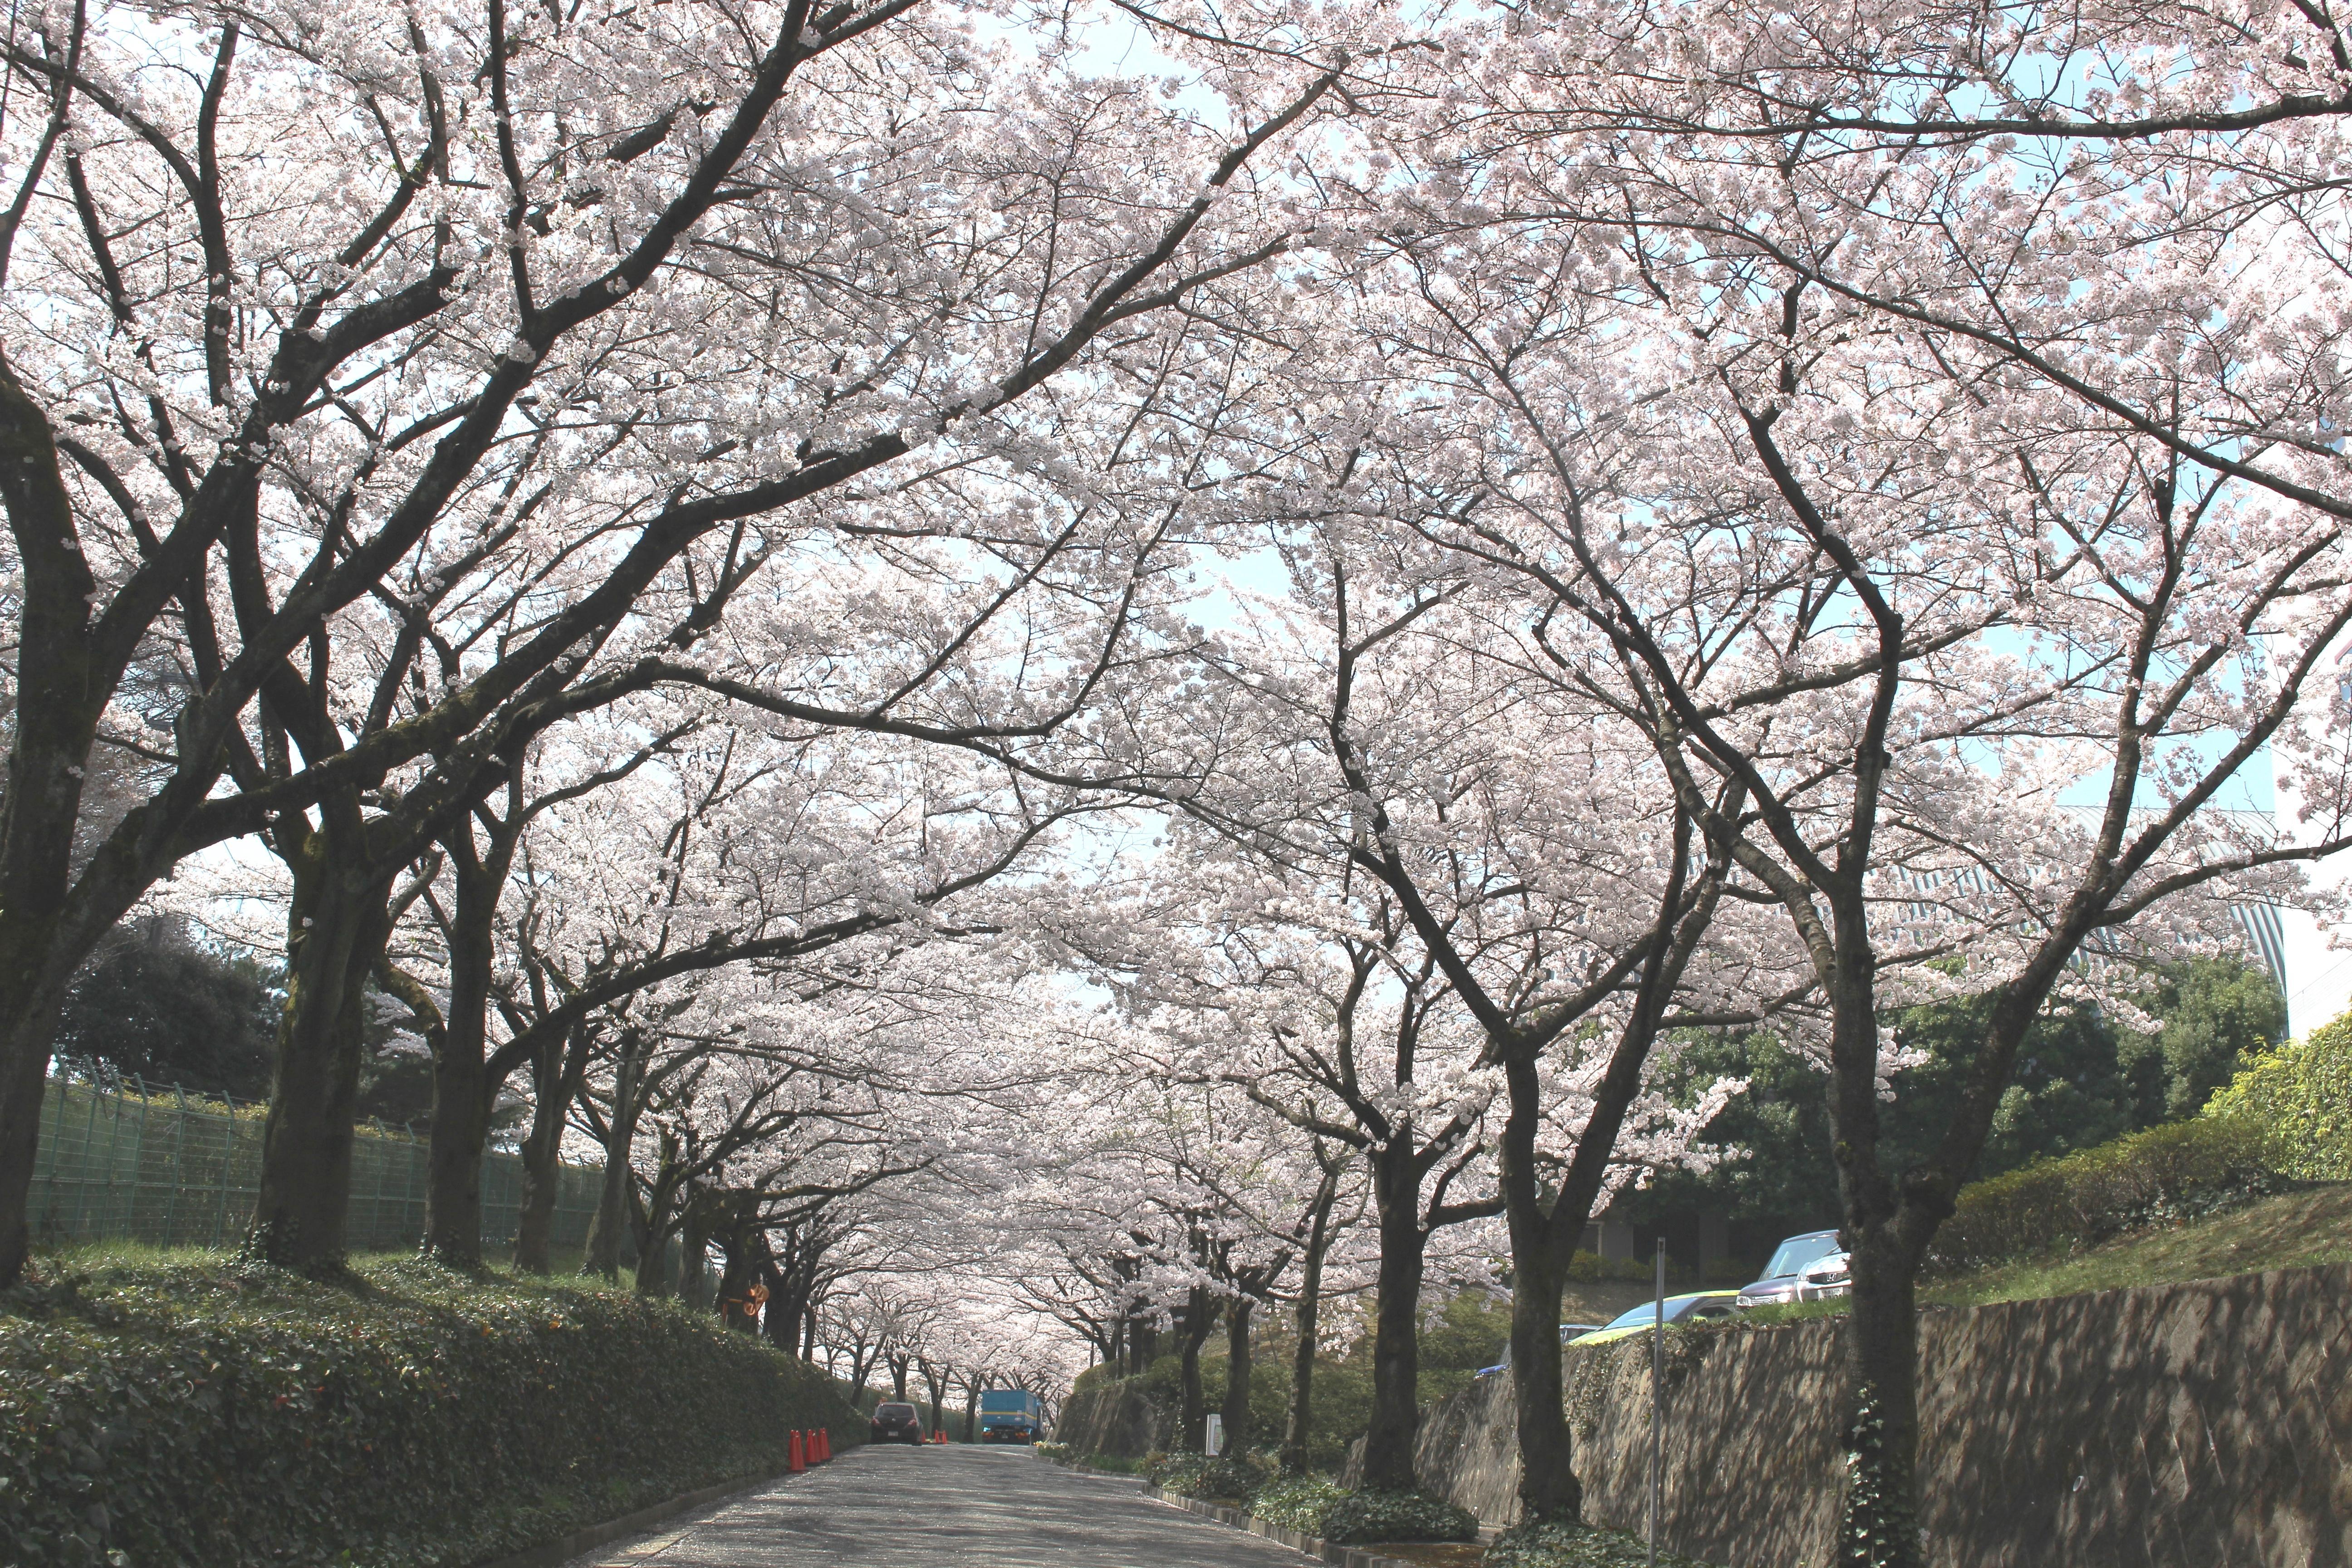 大妻女子大学が3月30・31日にお花見イベント「大妻''多摩さくら坂''」を開催 -- 多摩キャンパスの桜並木を地域に開放